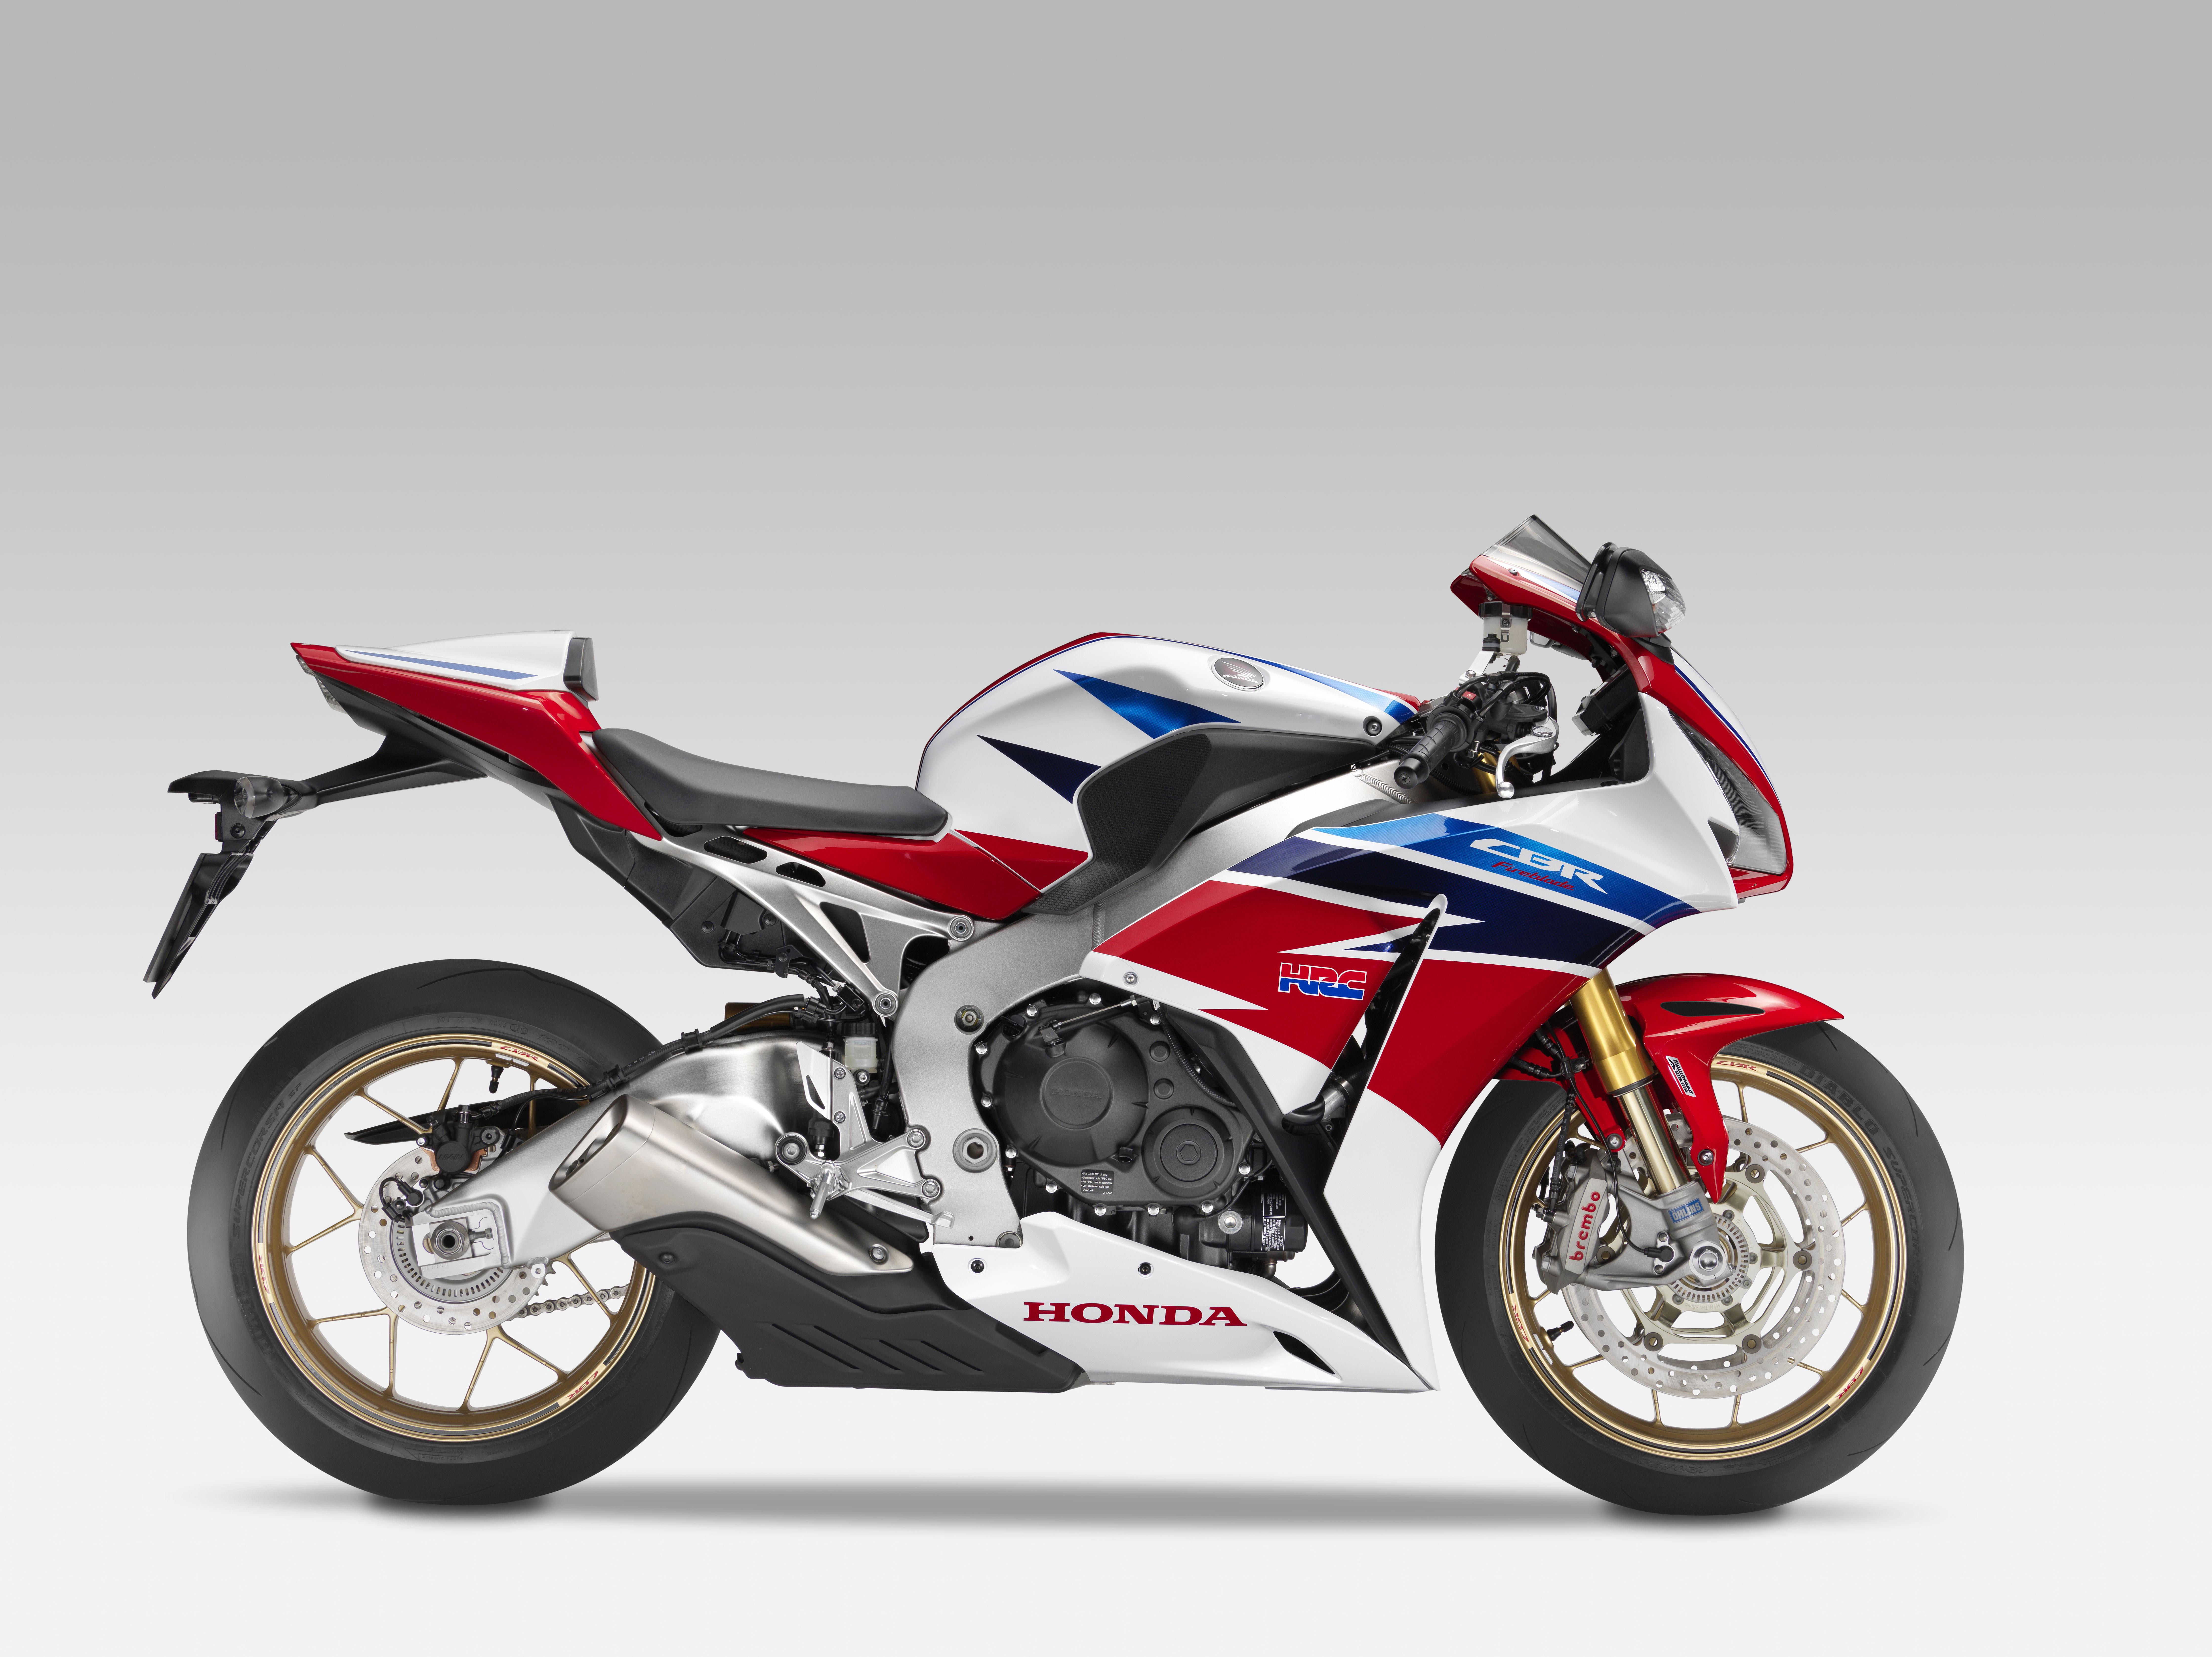 First Ride: 2014 Honda Fireblade SP review